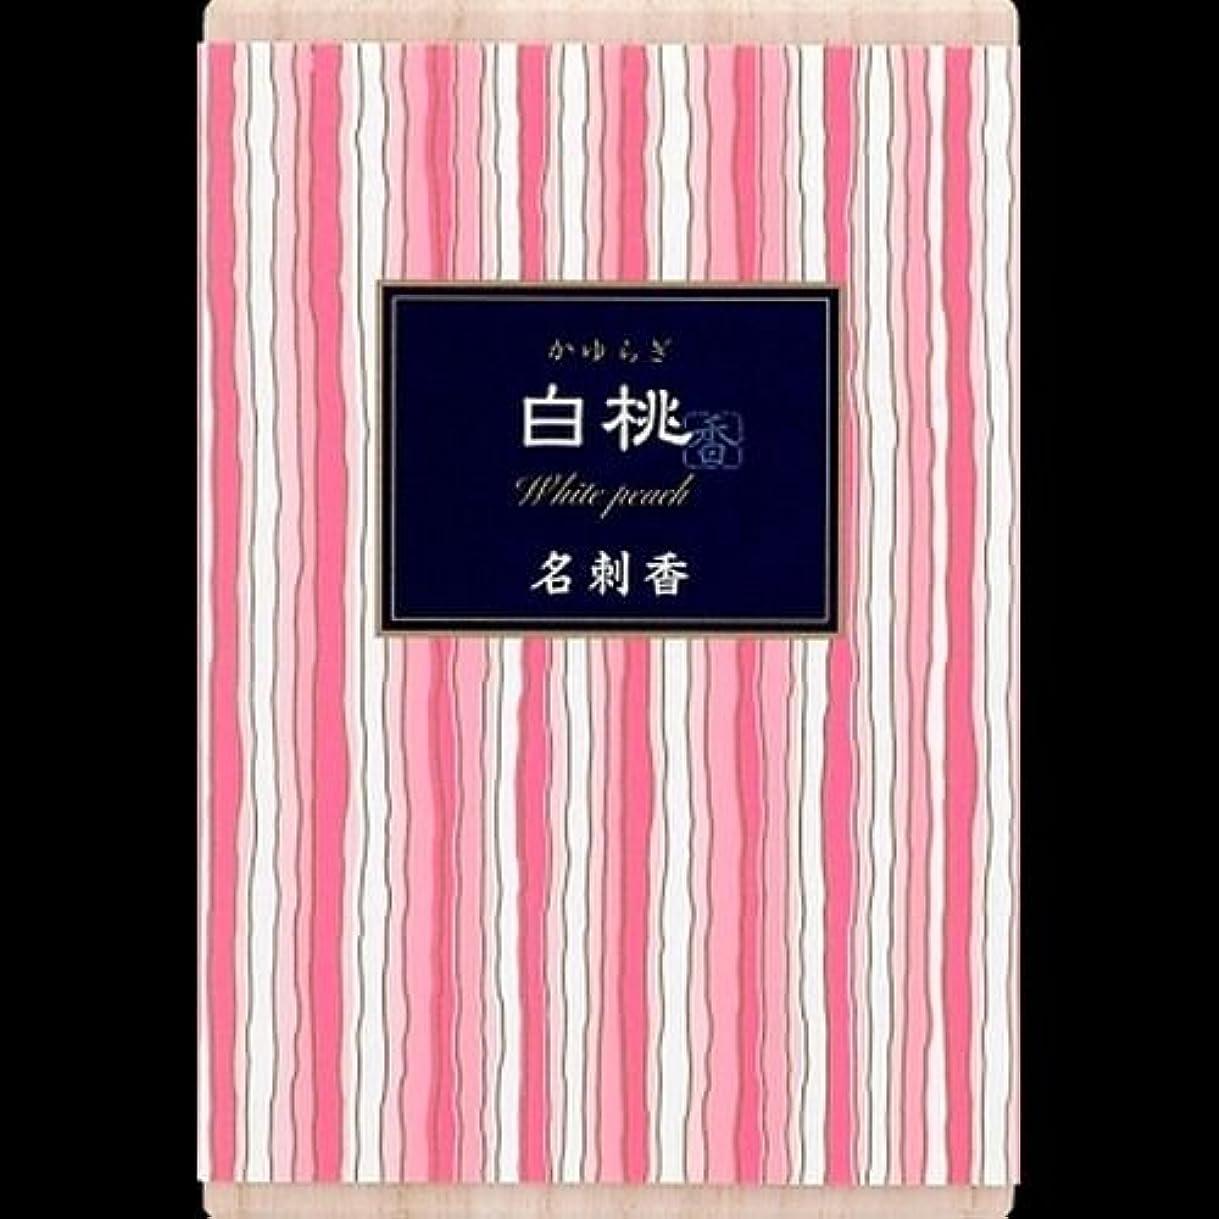 飛躍飼料カテナ【まとめ買い】かゆらぎ 白桃 名刺香 桐箱 6入 ×2セット